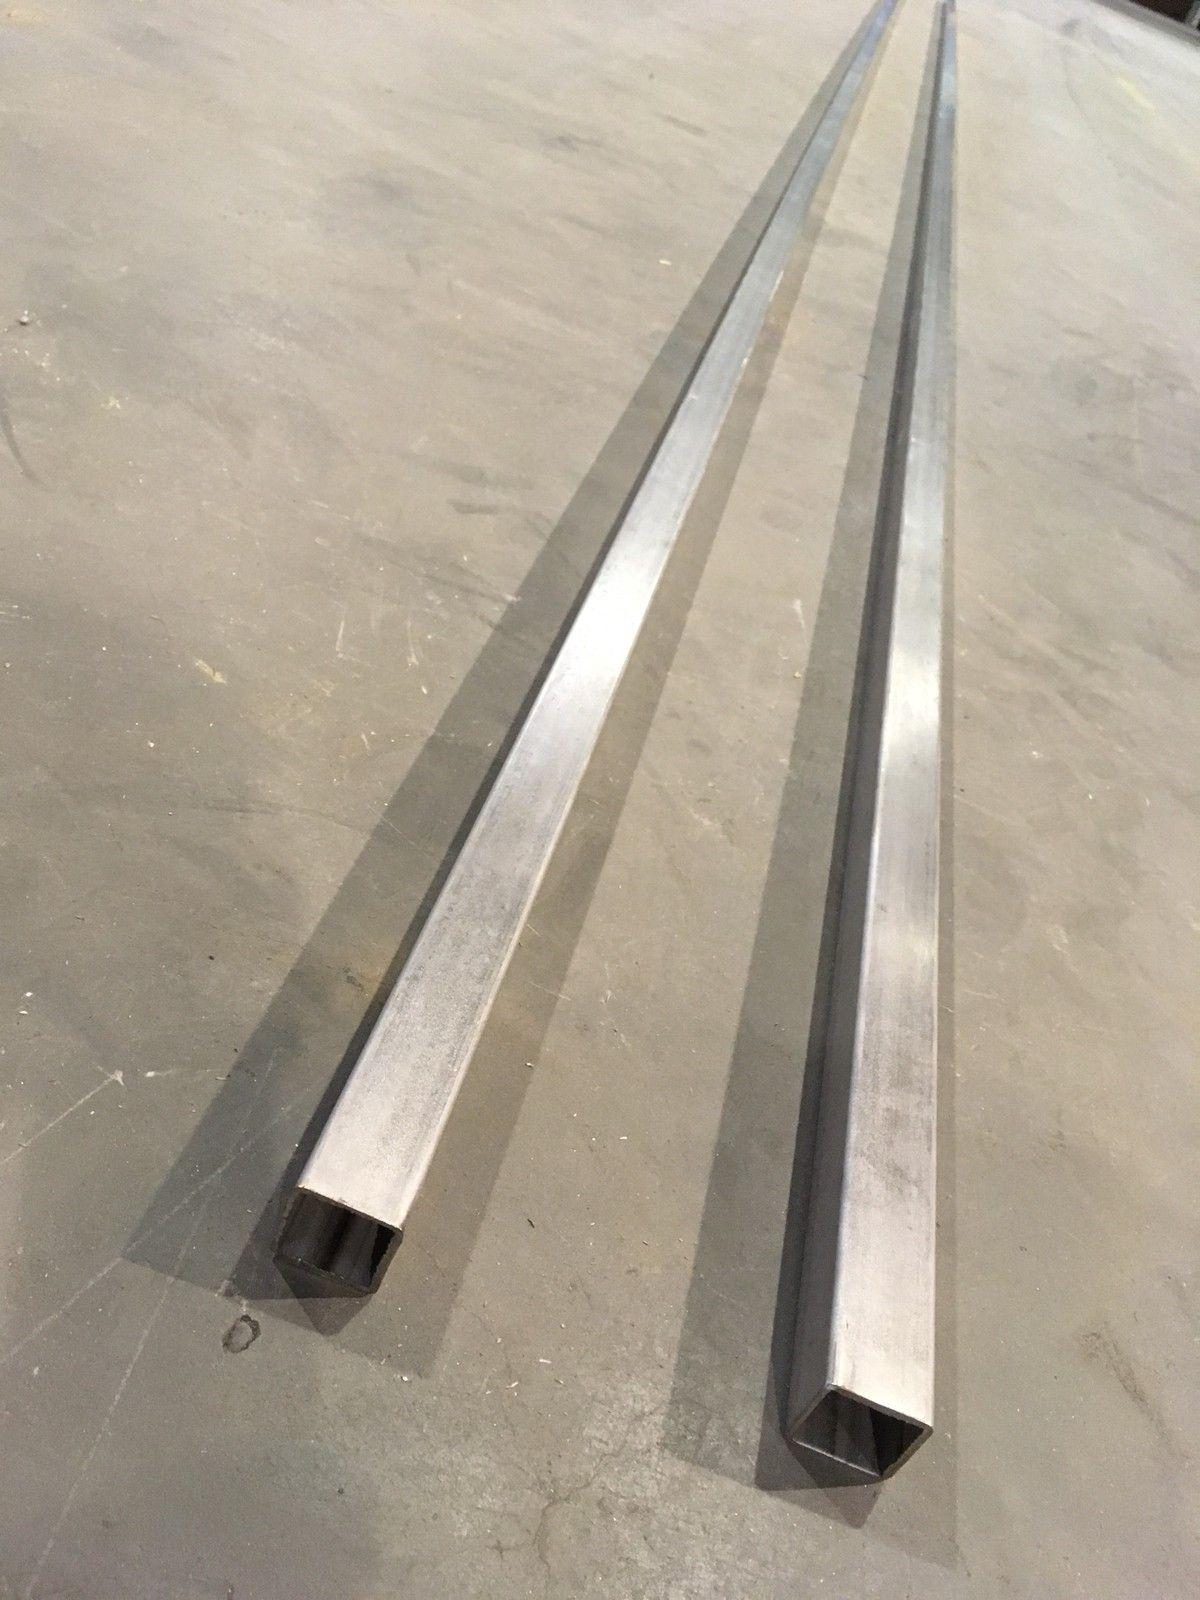 Rustfritt Stål Firk.Rør 30x30x2 - Jakobsli  - Firkant rør 30x30x2 (uslipt) selges. 2x6 meter. (Totalt 12 meter) - Jakobsli